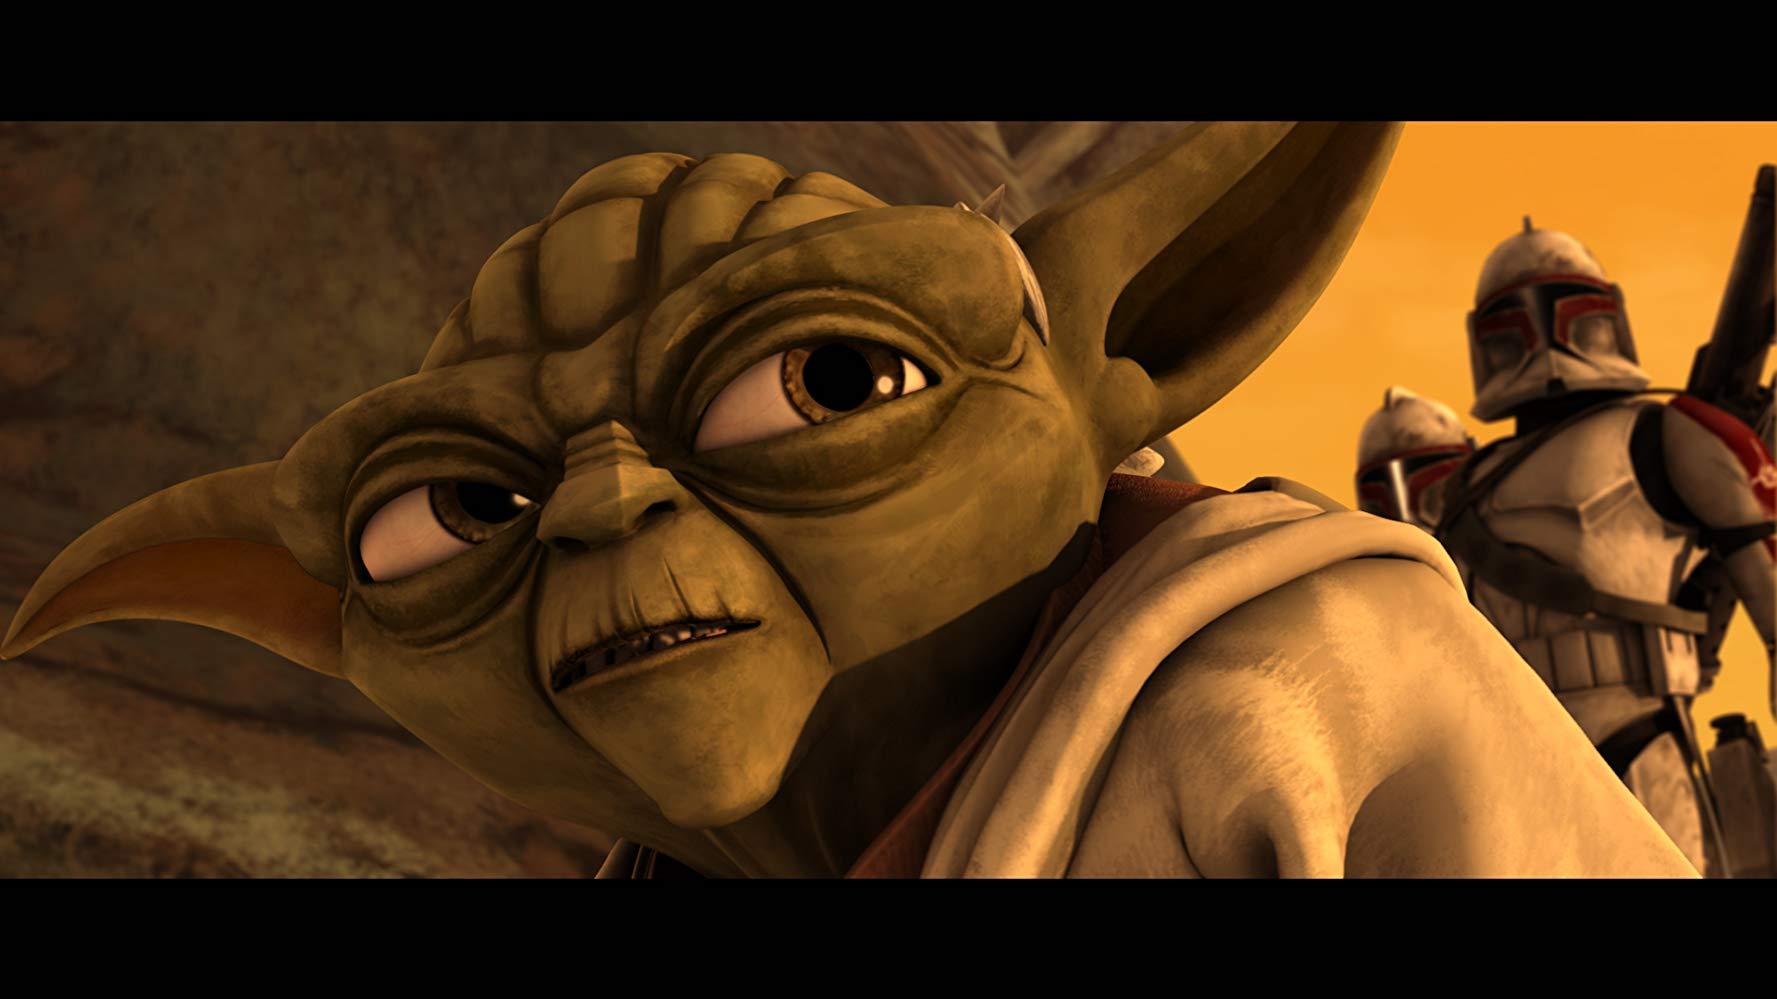 Звёздные войны: Войны клонов (Star Wars: The Clone Wars) 2008-2020